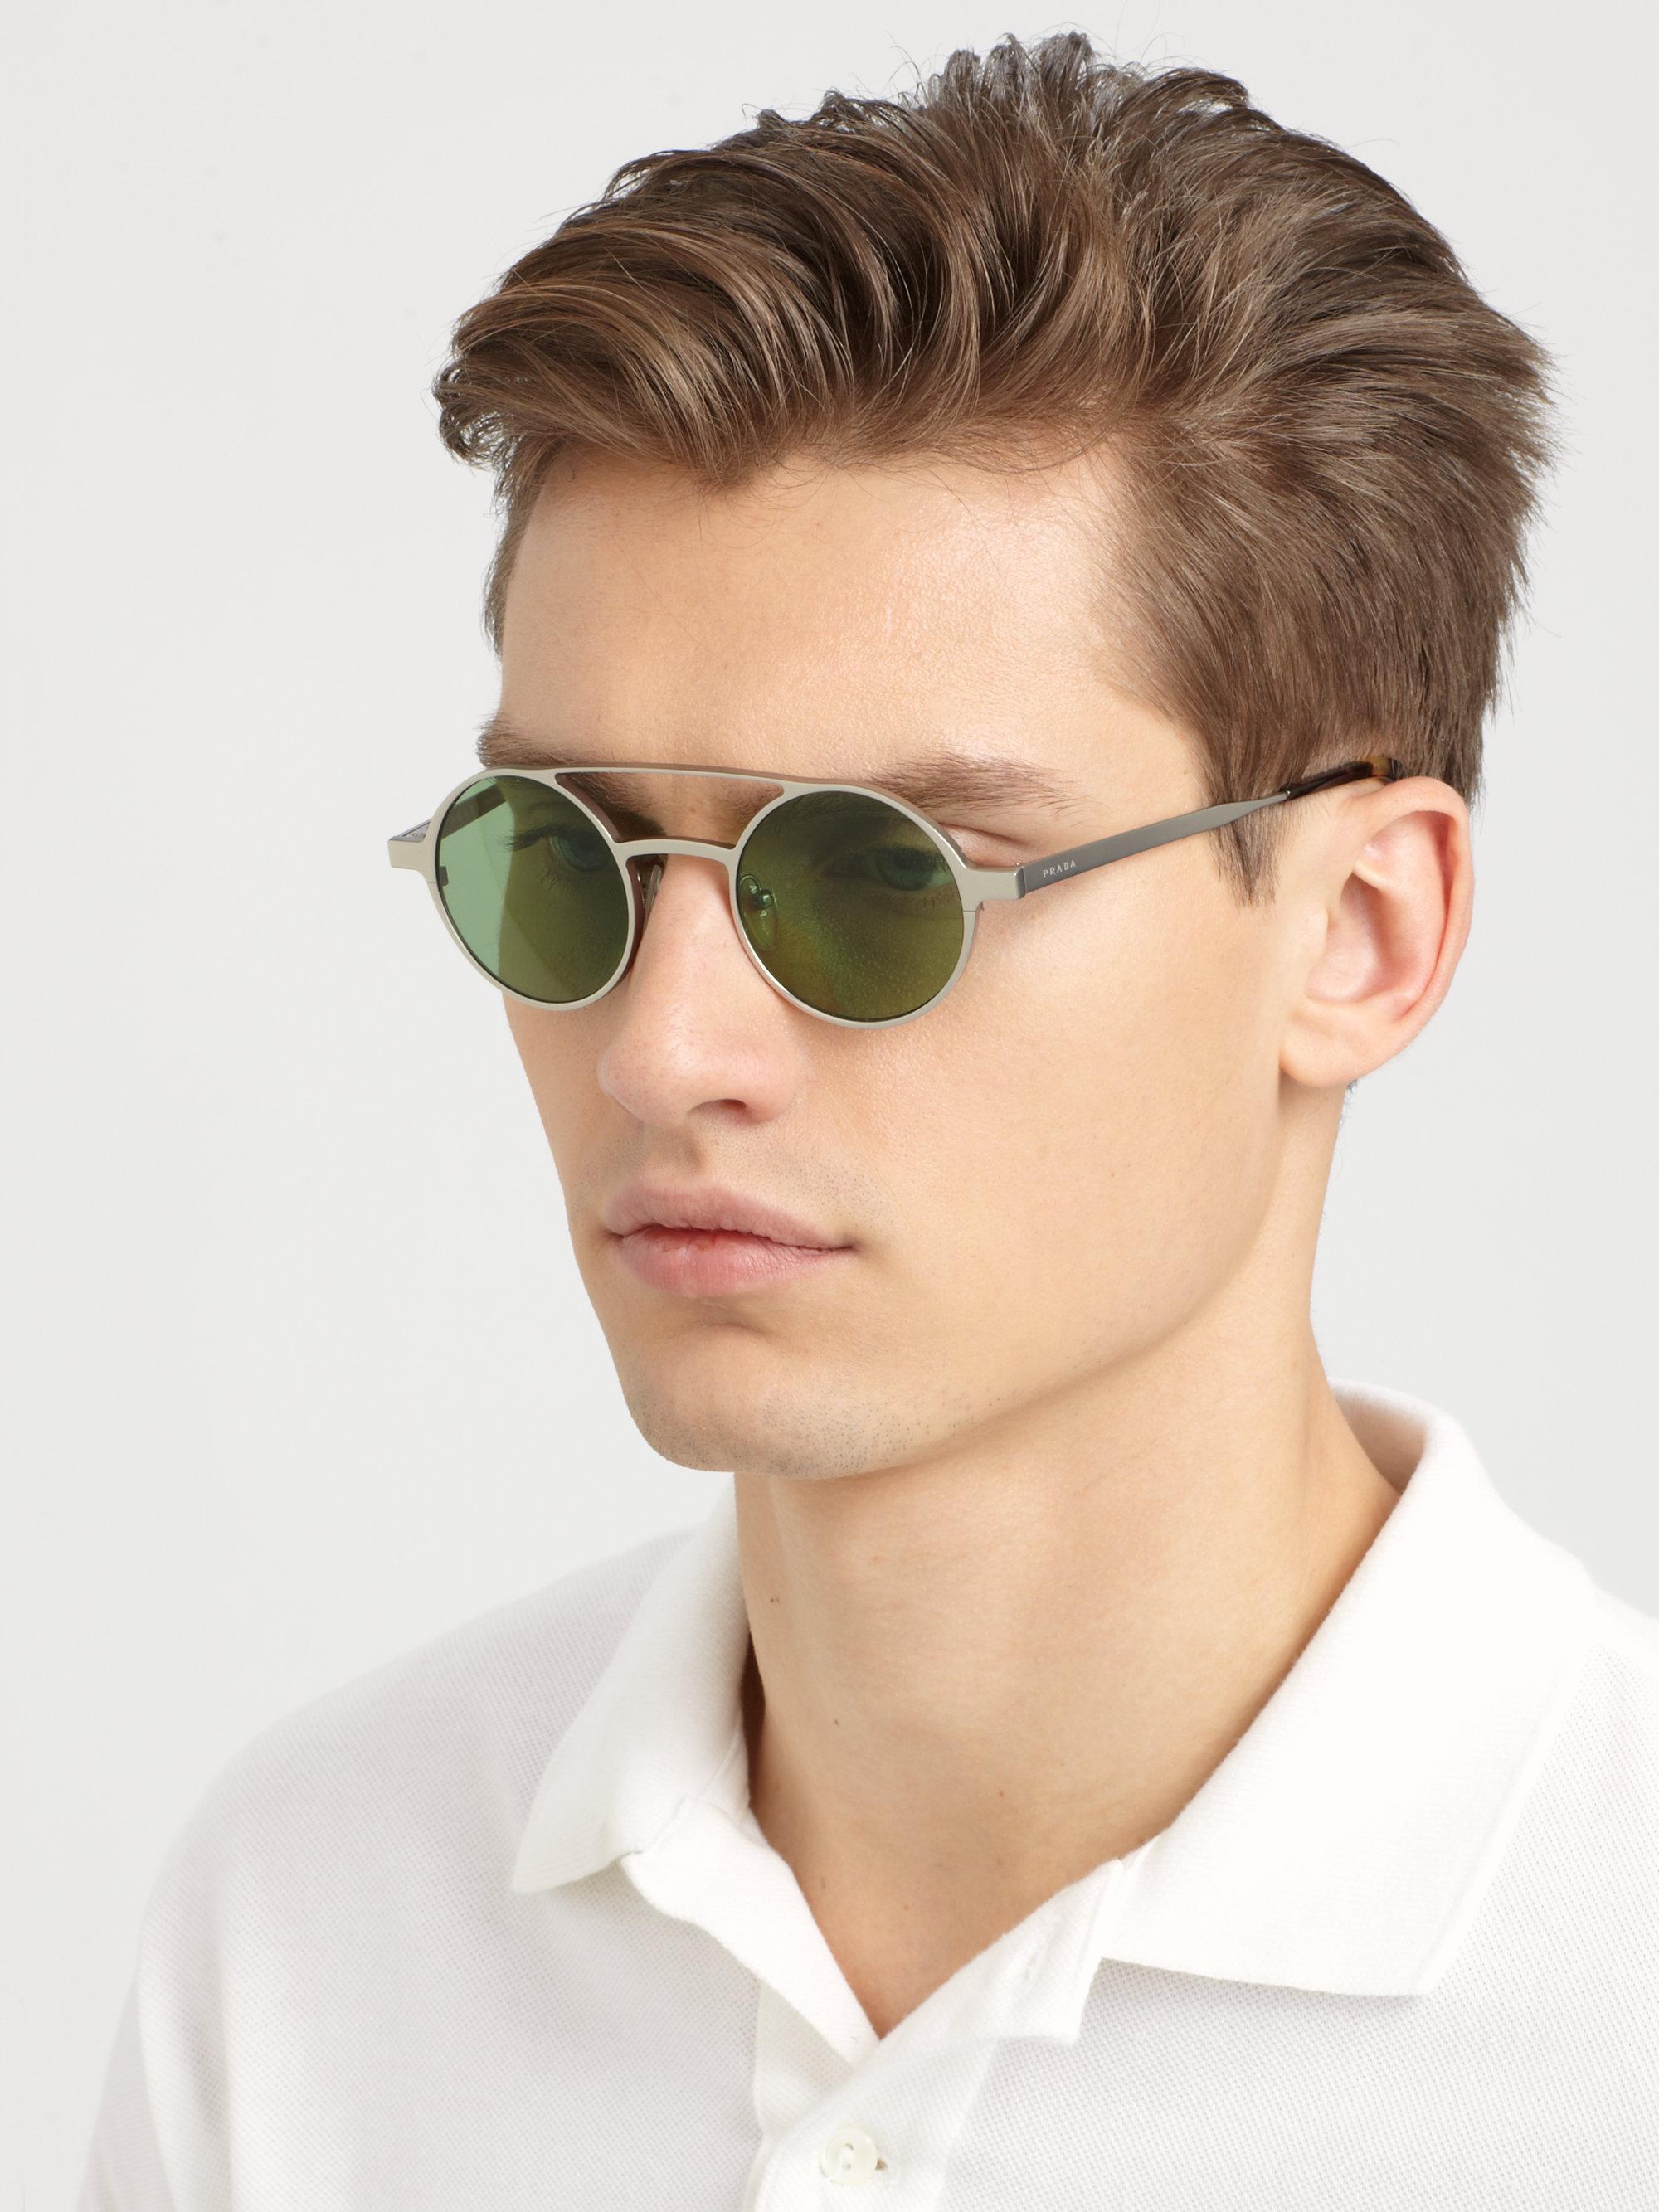 Men S Health Covers: Men's Eyeglasses Trends 2016